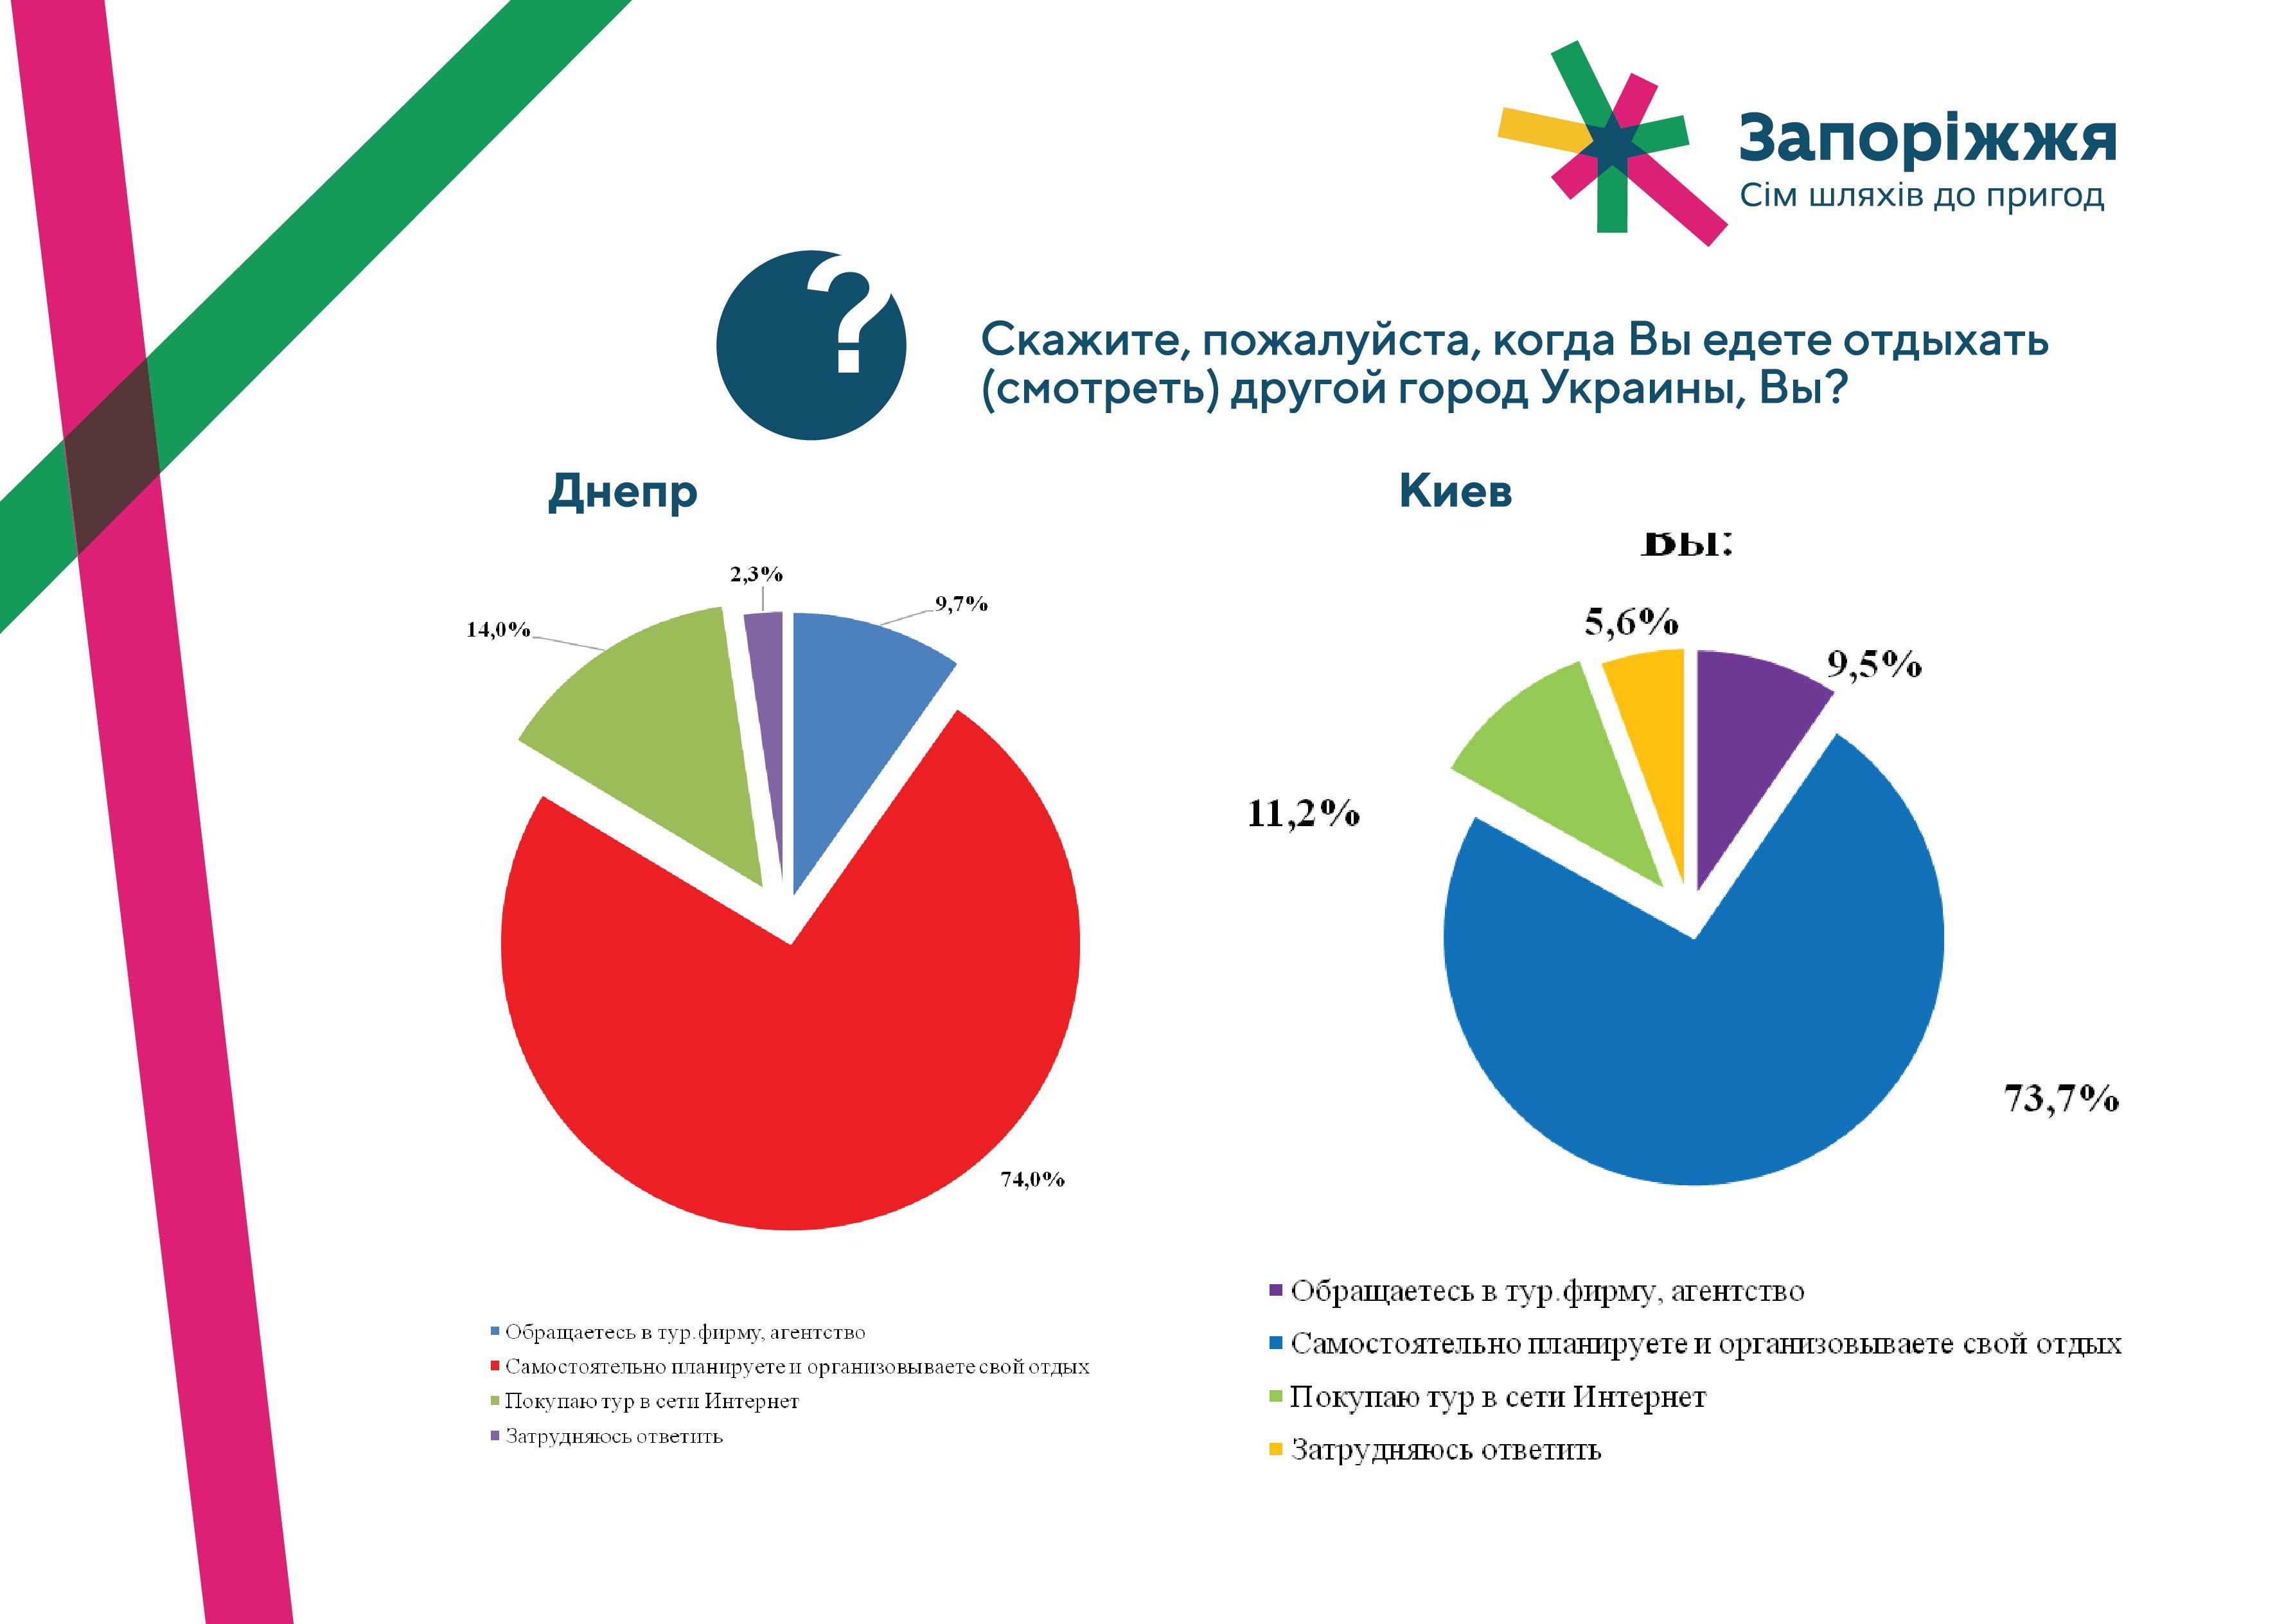 презентация-днепр-киев-06.jpg